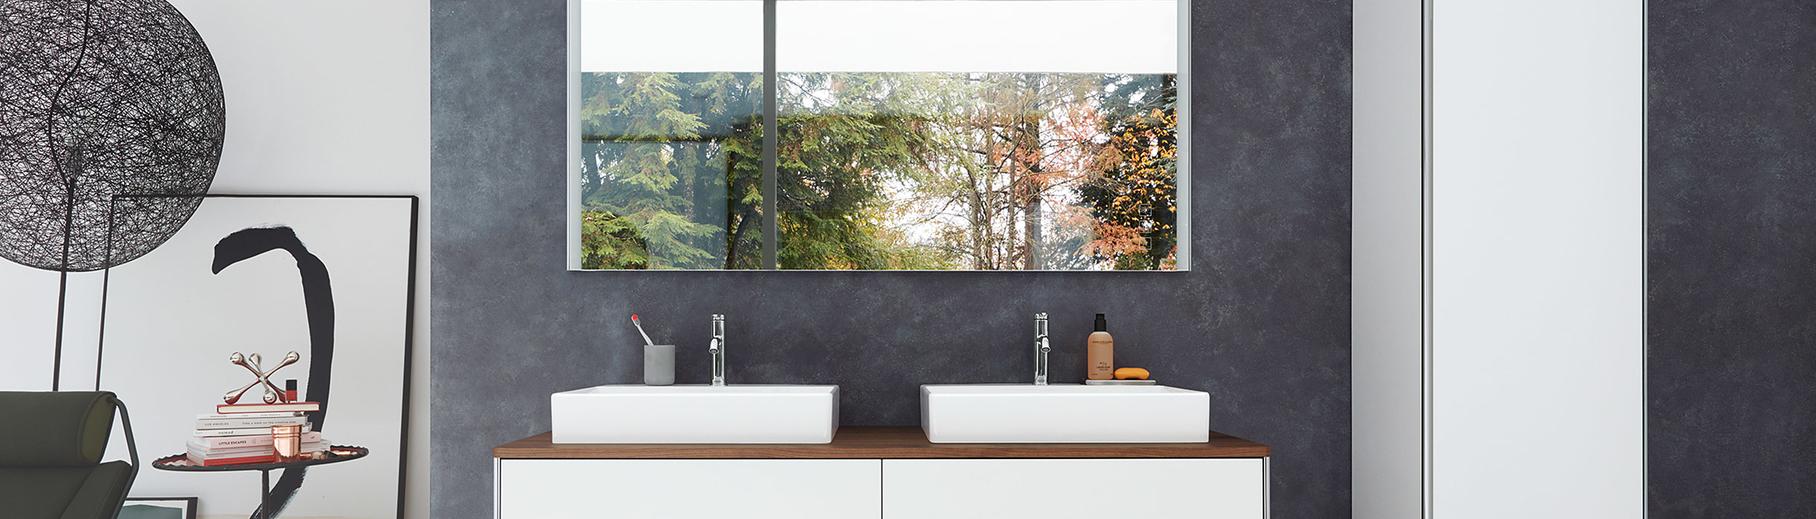 Badkamerspiegel met verwarming voor ultiem comfort en functionaliteit